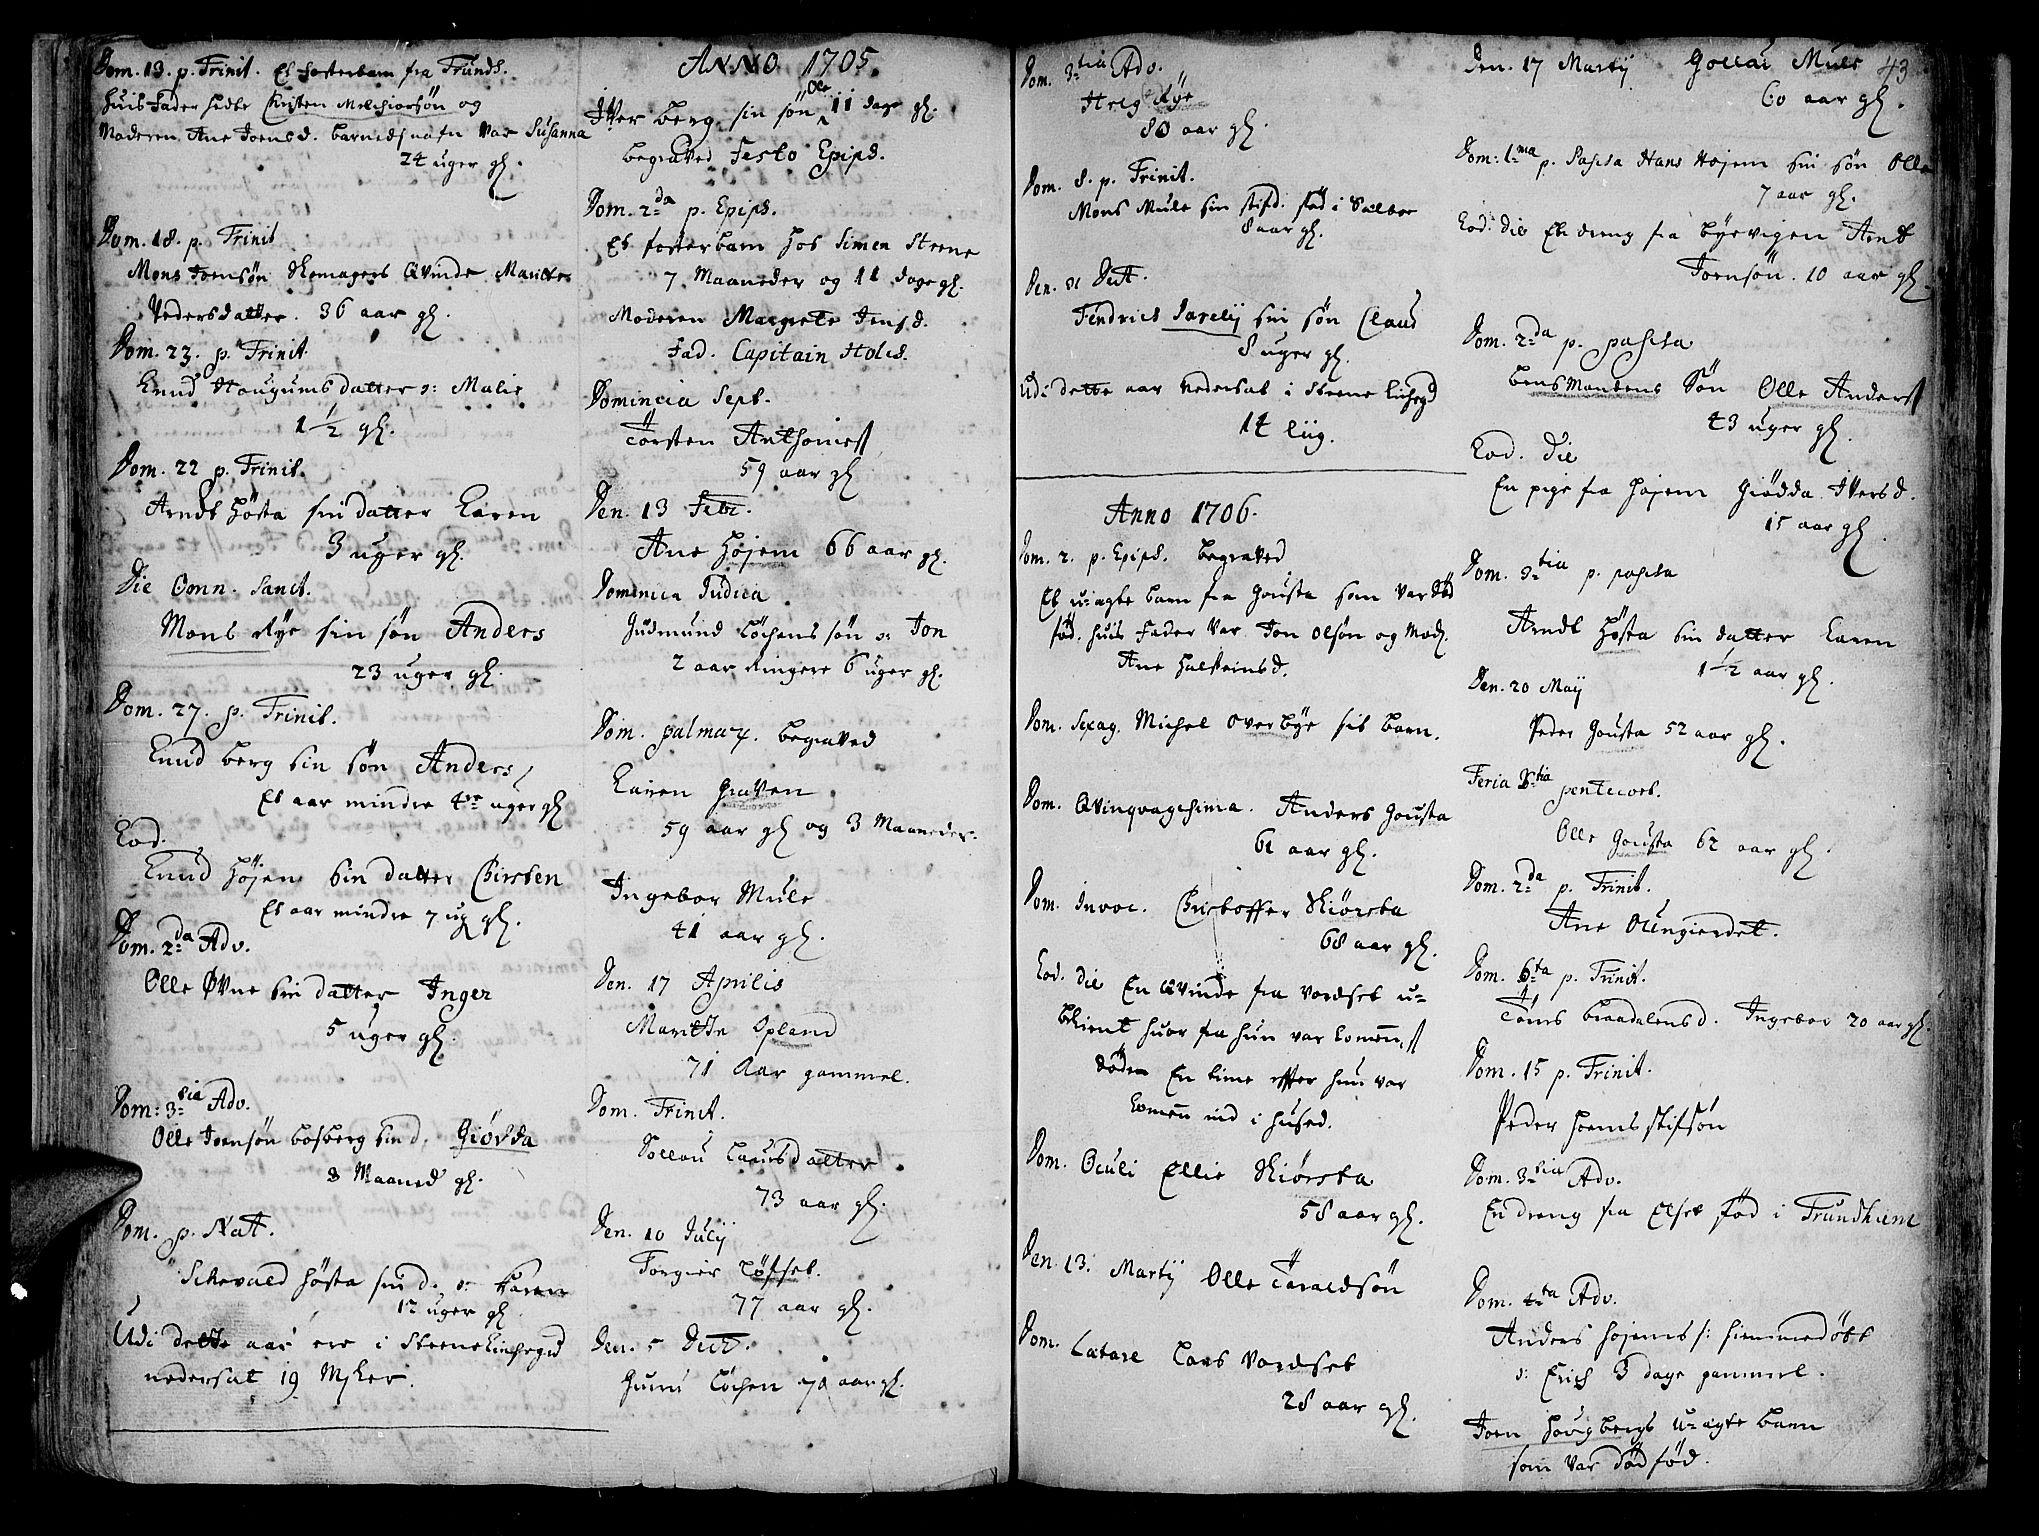 SAT, Ministerialprotokoller, klokkerbøker og fødselsregistre - Sør-Trøndelag, 612/L0368: Ministerialbok nr. 612A02, 1702-1753, s. 43